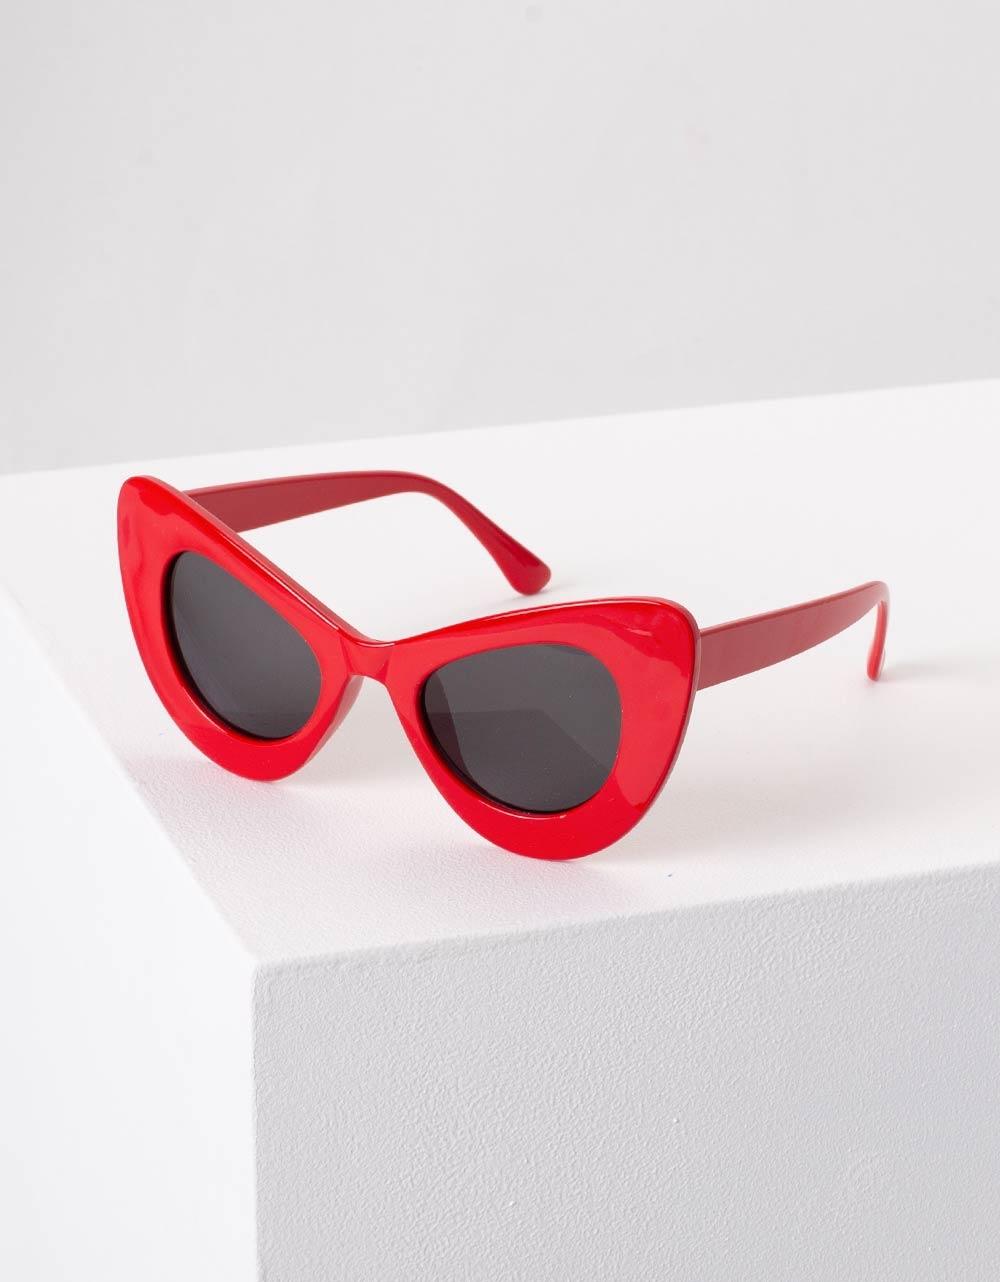 Εικόνα από Γυναικεία γυαλιά ηλίου με γωνίες Κόκκινο